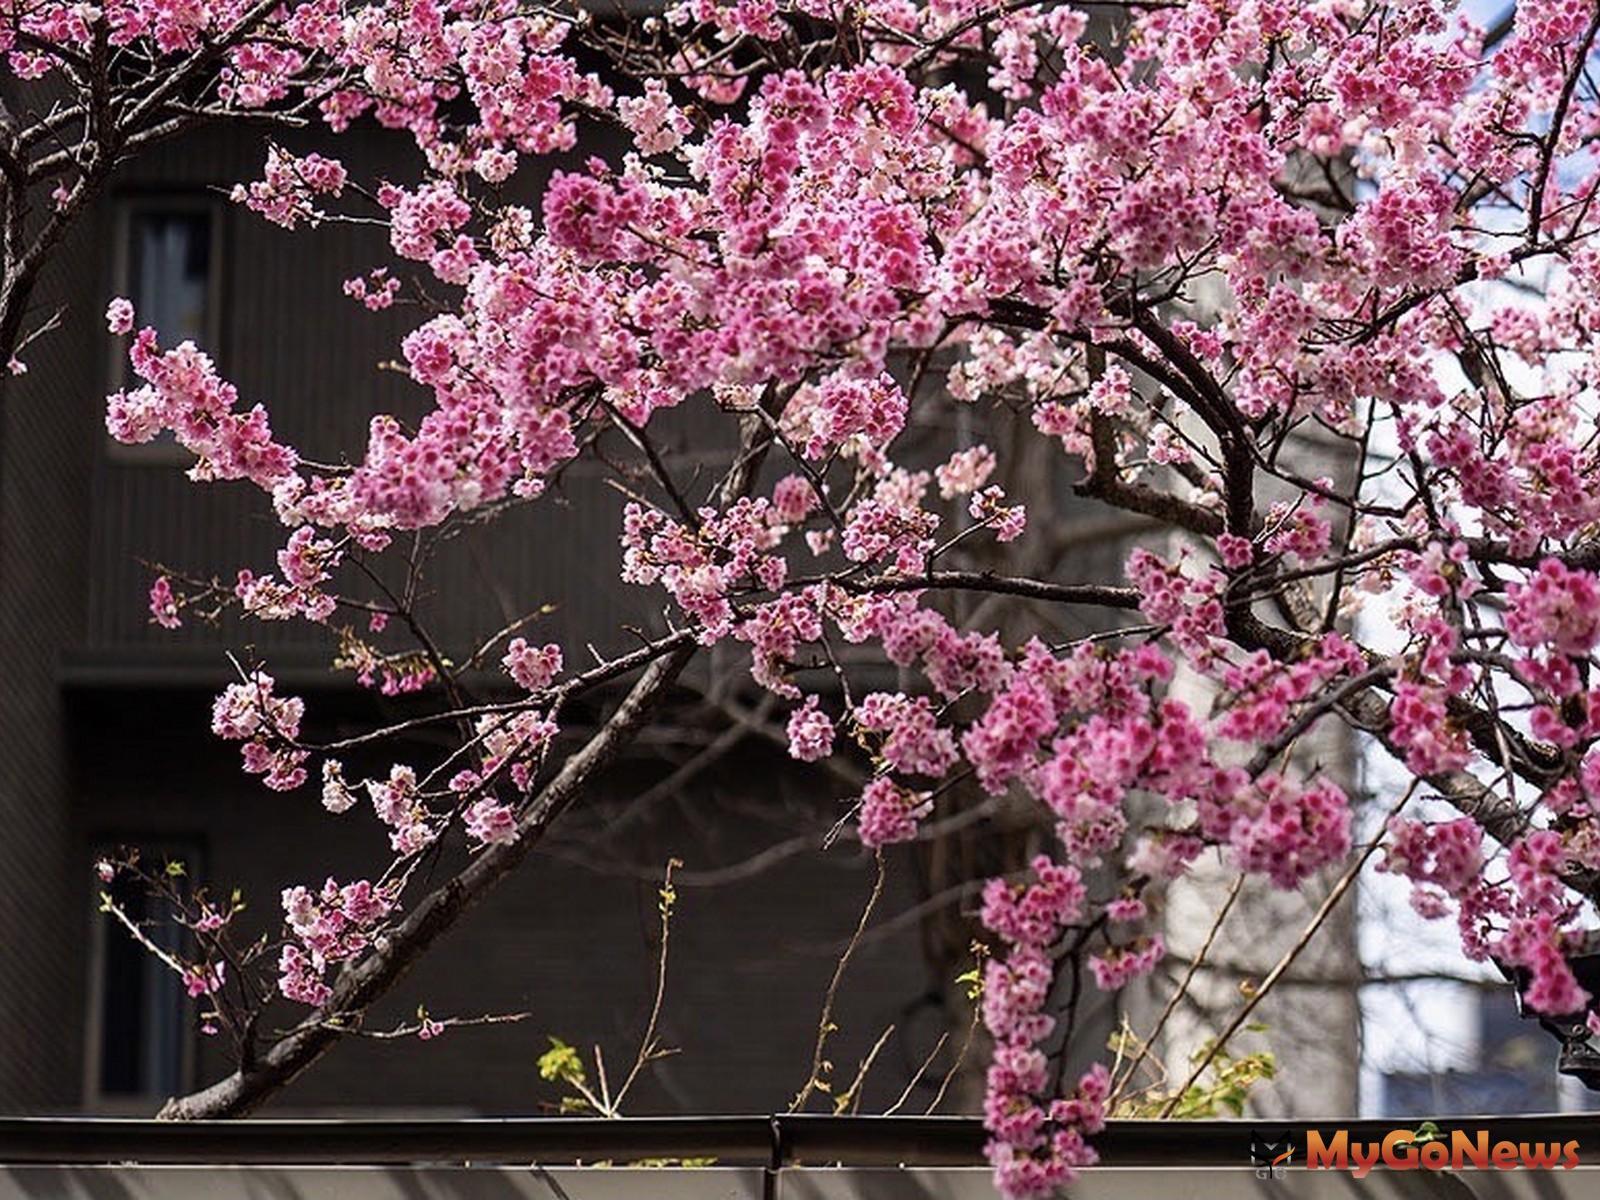 「璞園袖里春」附近街道的寧靜氛圍,讓真下宗治想到日本的巷弄。(圖/業者提供) MyGoNews房地產新聞 熱銷推案